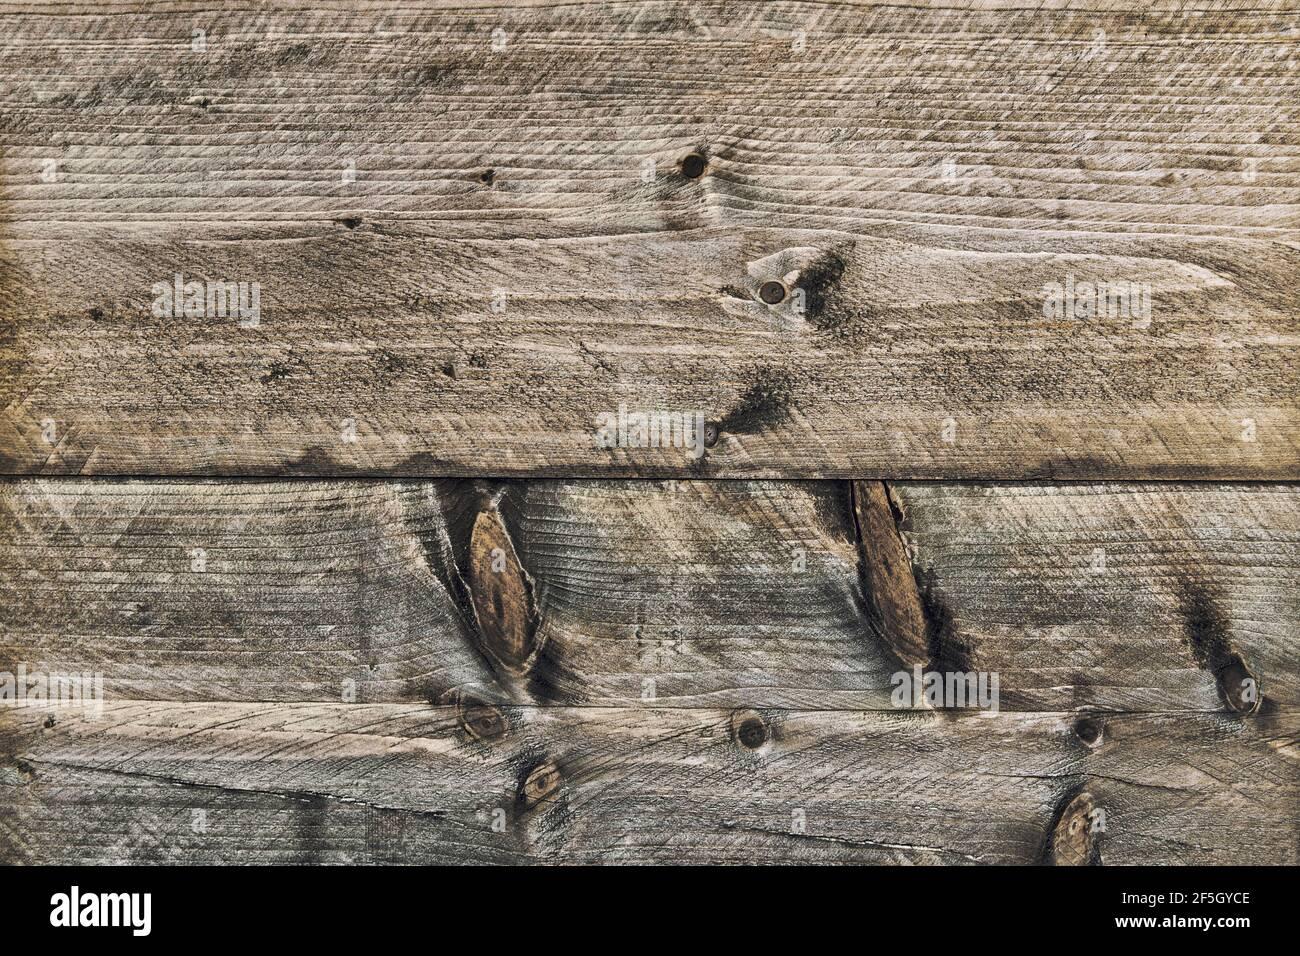 Texture du bois. Arrière-plan en bois. Surface rustique abstraite Banque D'Images